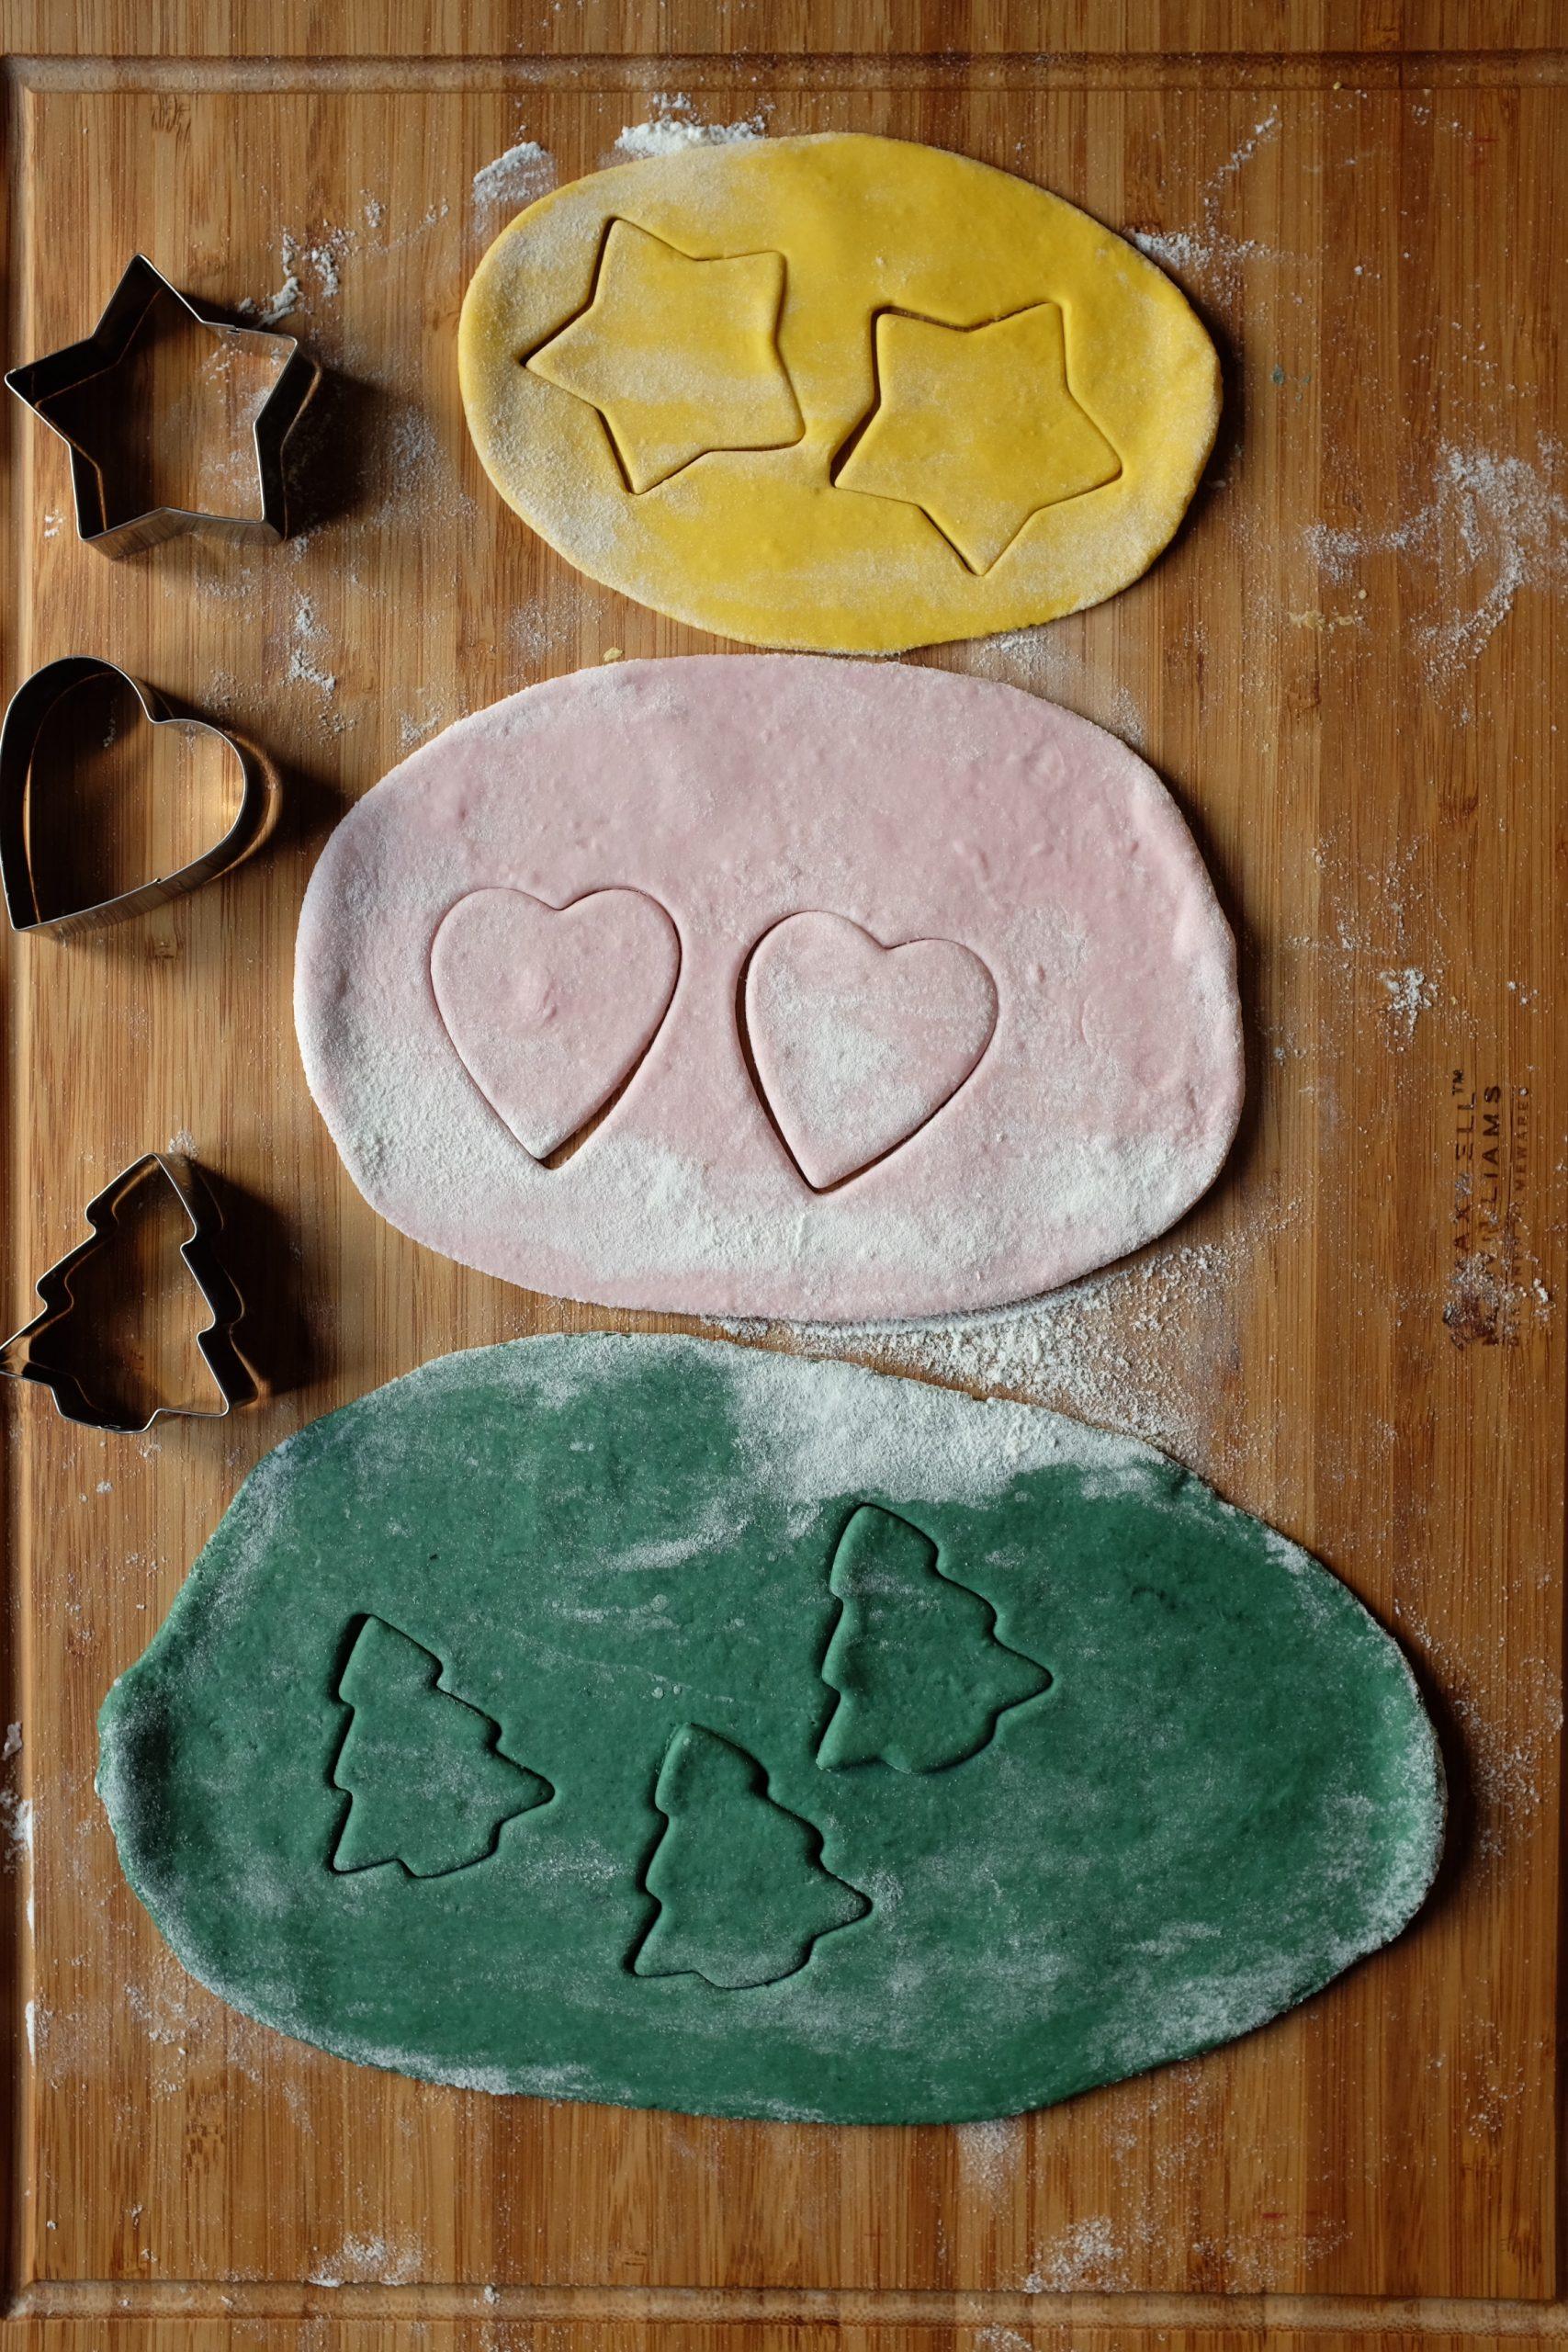 Stendi gli impasto in eccesso su una spianatoia appena infarinata utilizzando un mattarello. Taglia la pasta utilizzando le formine per biscotti di Natale della forma desiderata.